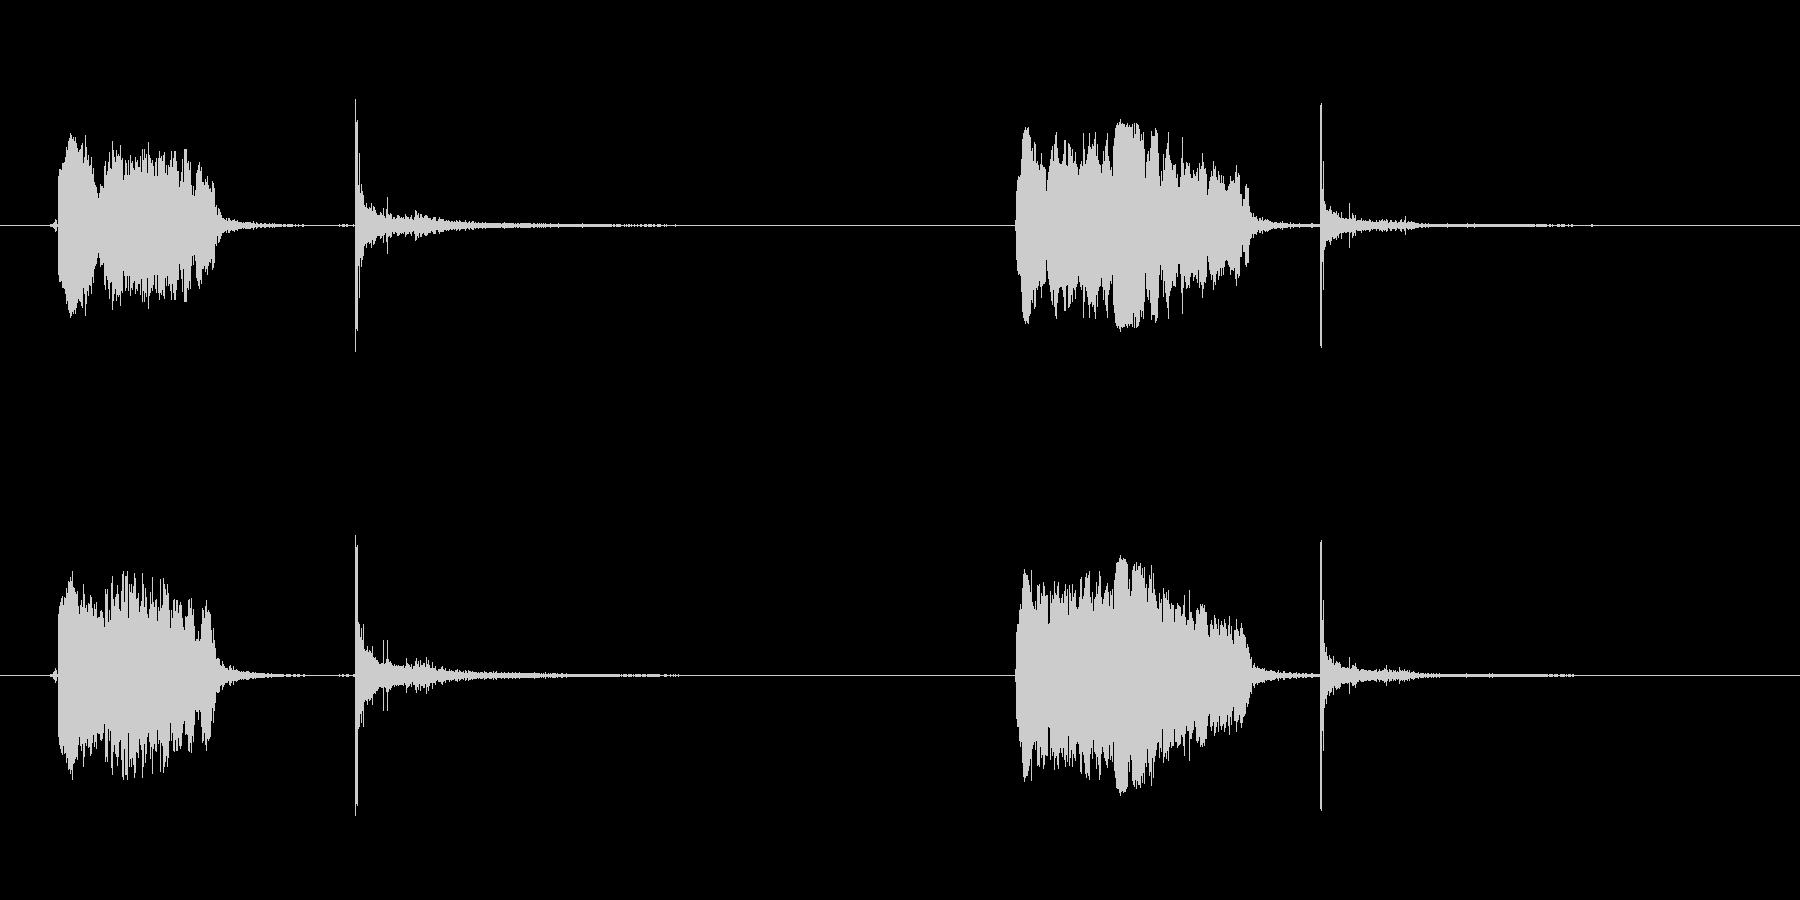 ロケット、スモール、ホイッスル、バ...の未再生の波形